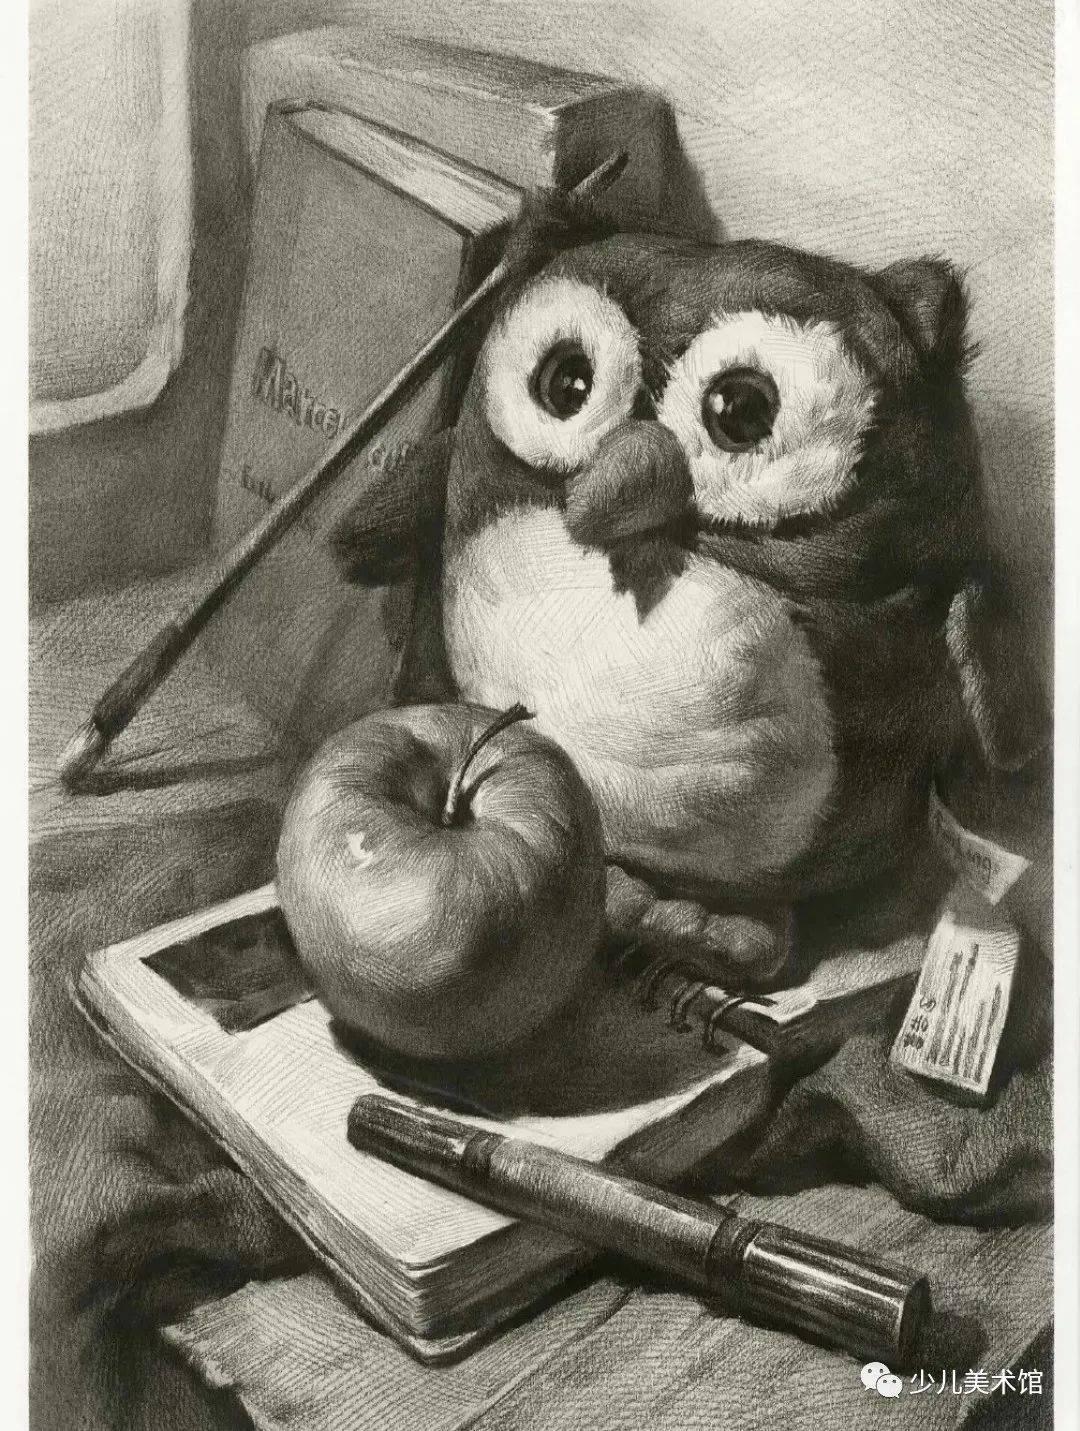 素描素材‖近百张大师素描作品+技法讲解,素描学习必备收藏!  第44张